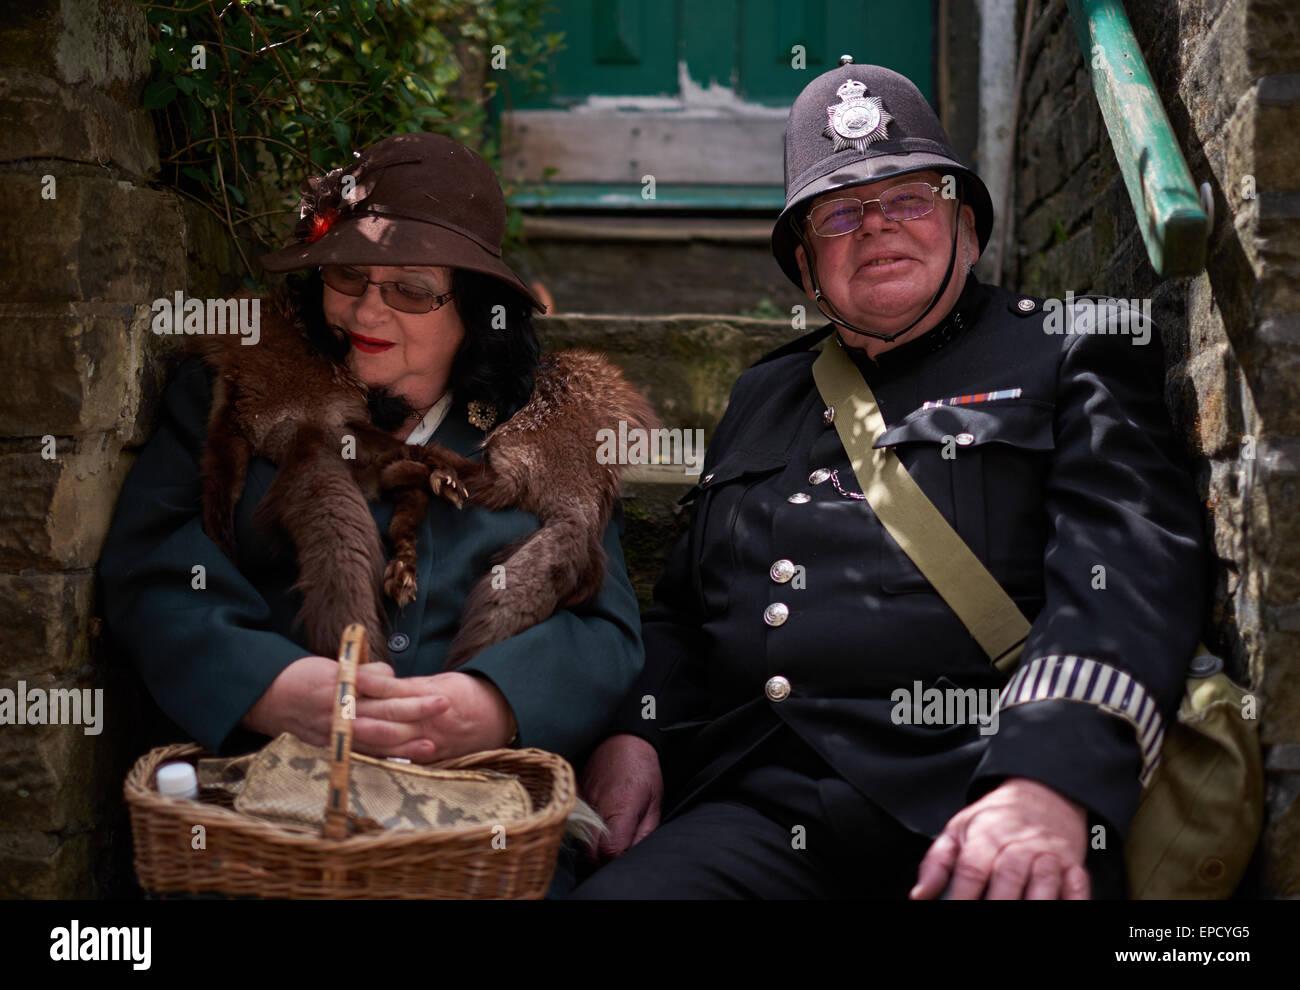 Alegre antigua polis y esposa sentada en una escalera Imagen De Stock